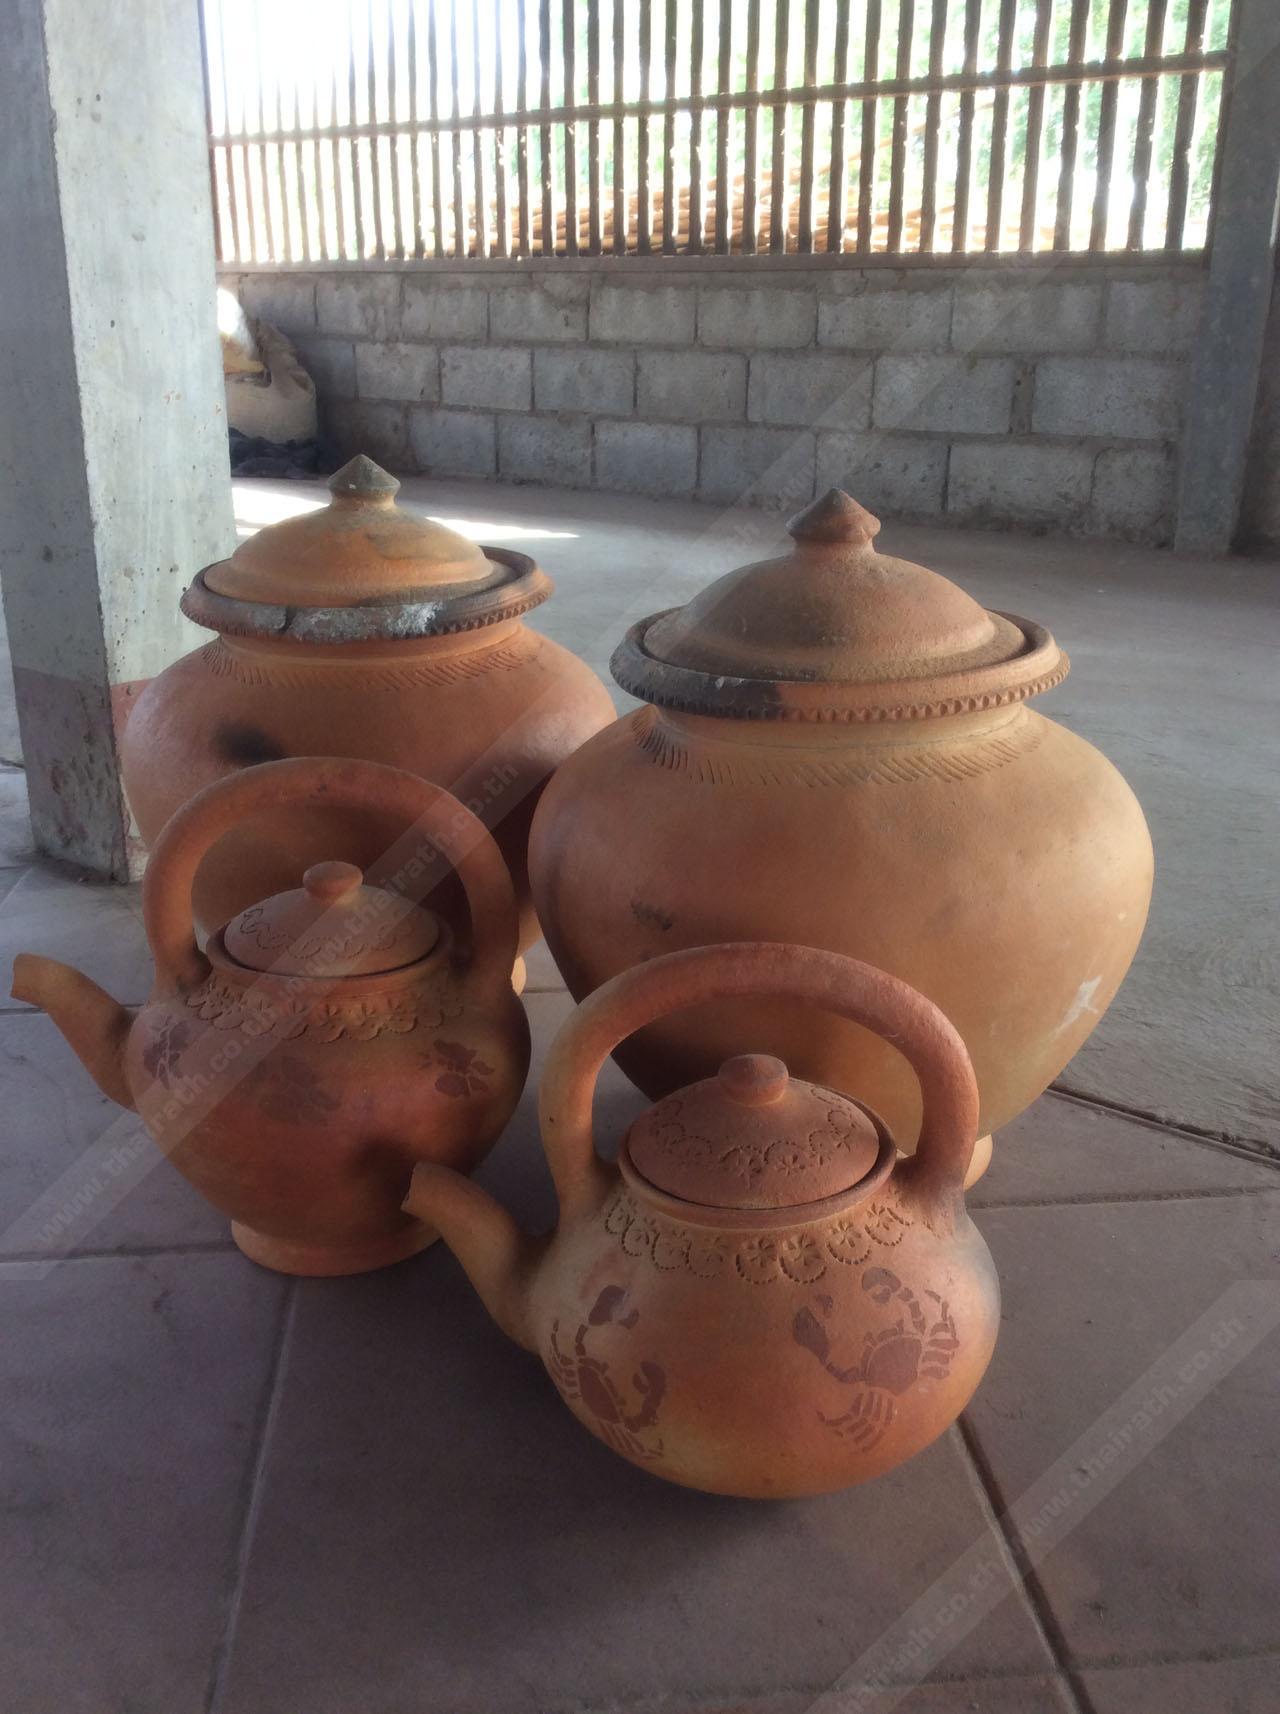 กาน้ำ ตุ่มน้ำ สไตล์ออริจินอล จากชุมชนบ้านหม้อ